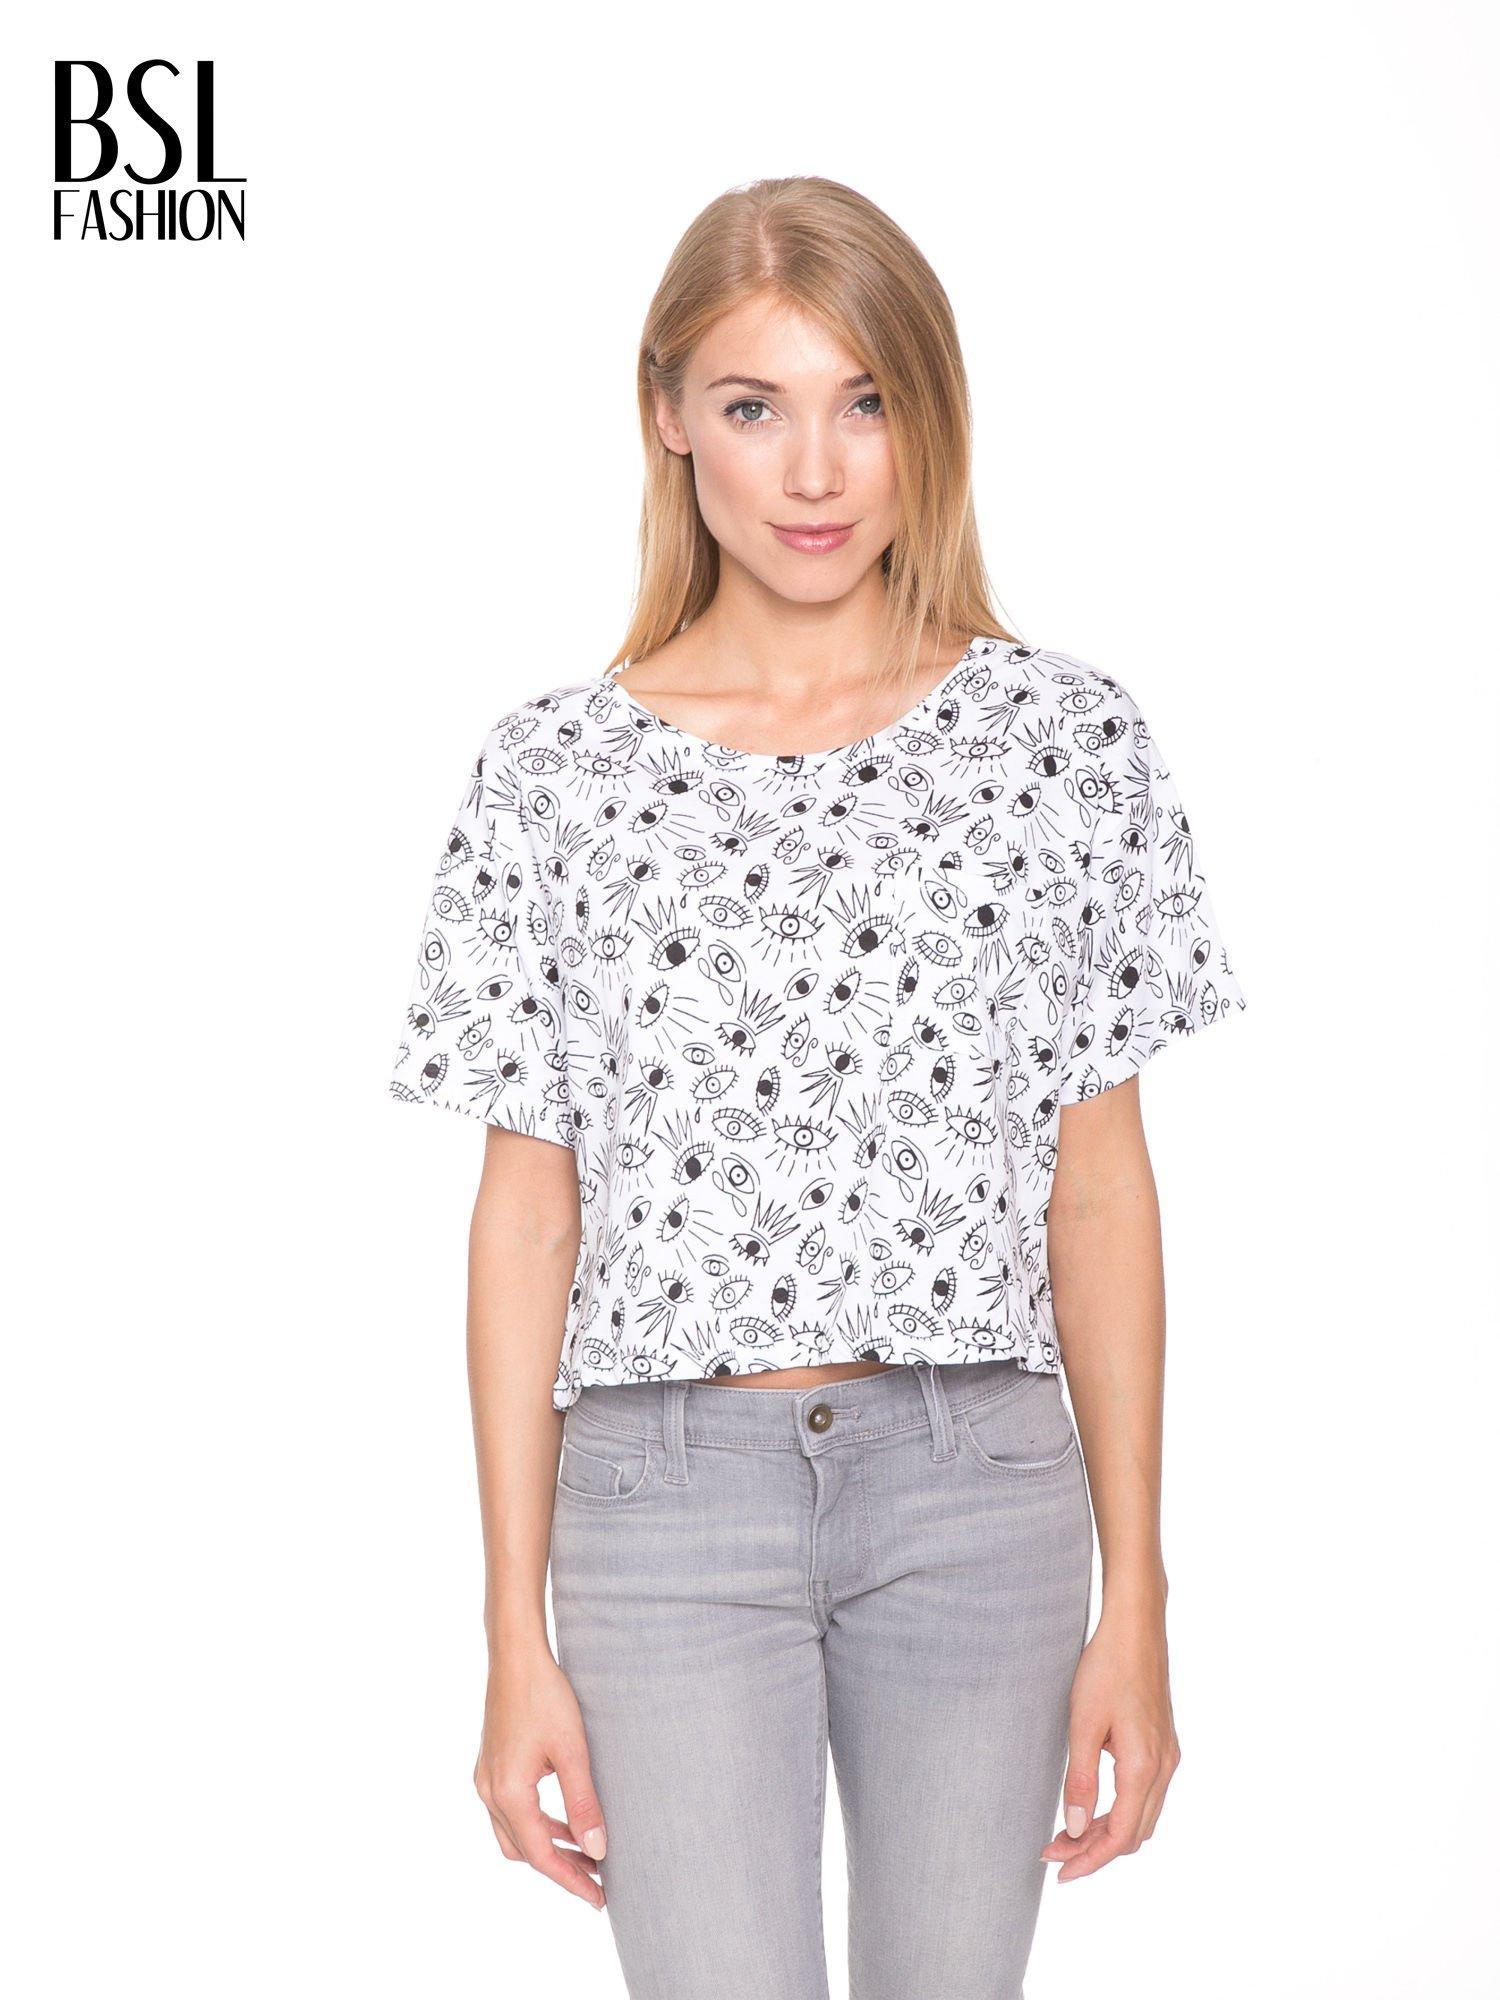 Biały luźny krótki t-shirt z kieszonką w nadruk oczu                                  zdj.                                  1